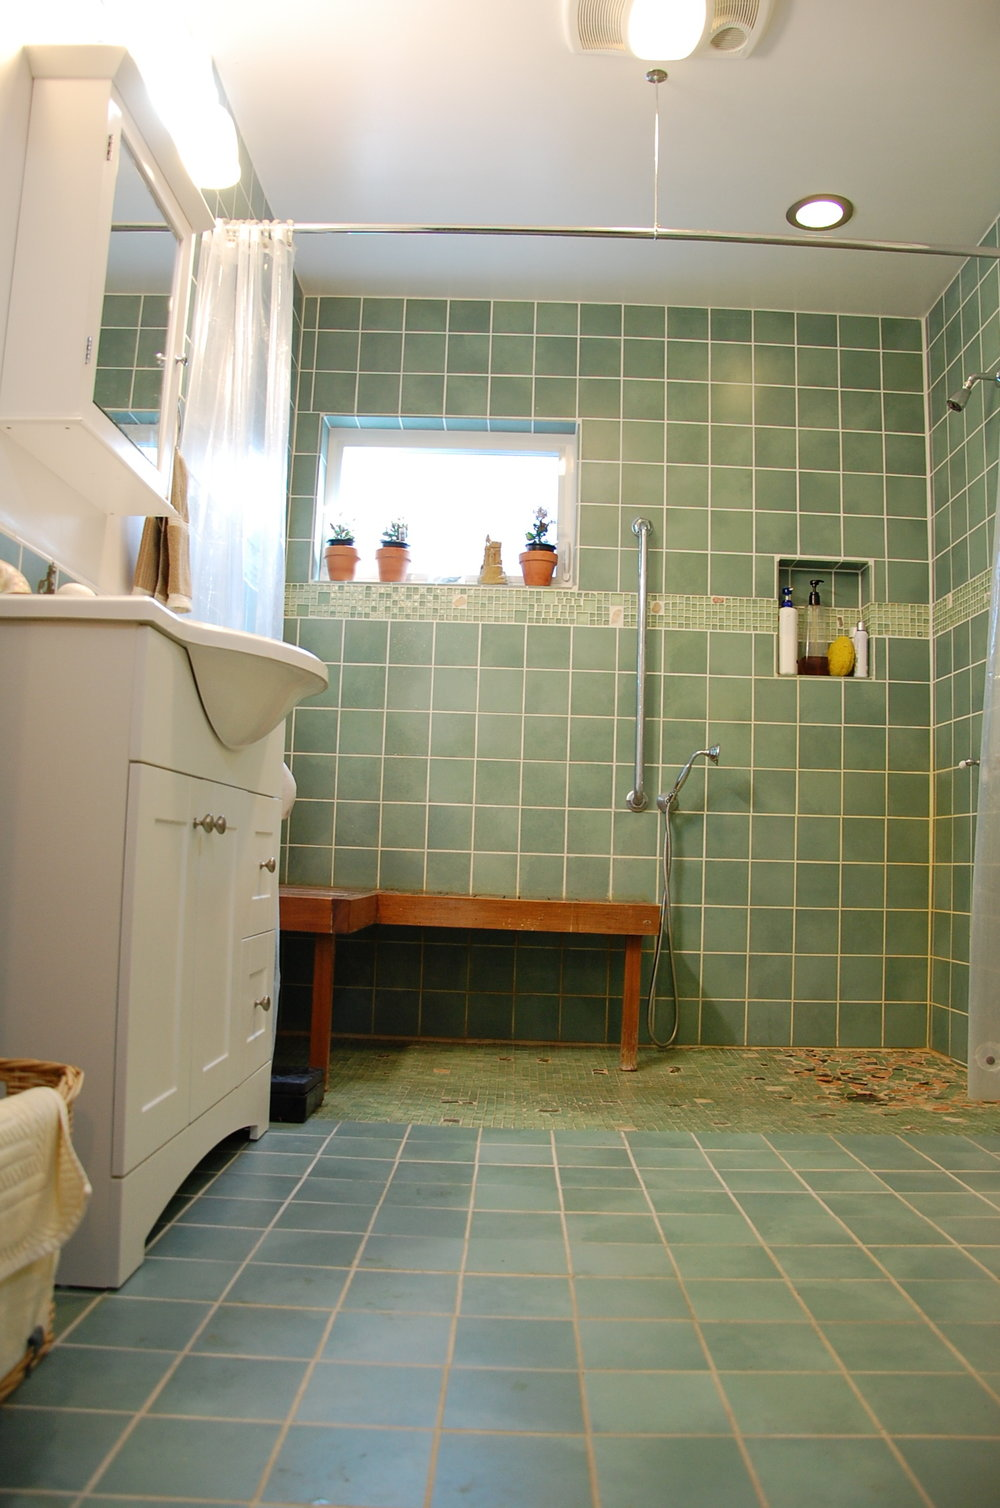 DSC_0015 bath green.JPG